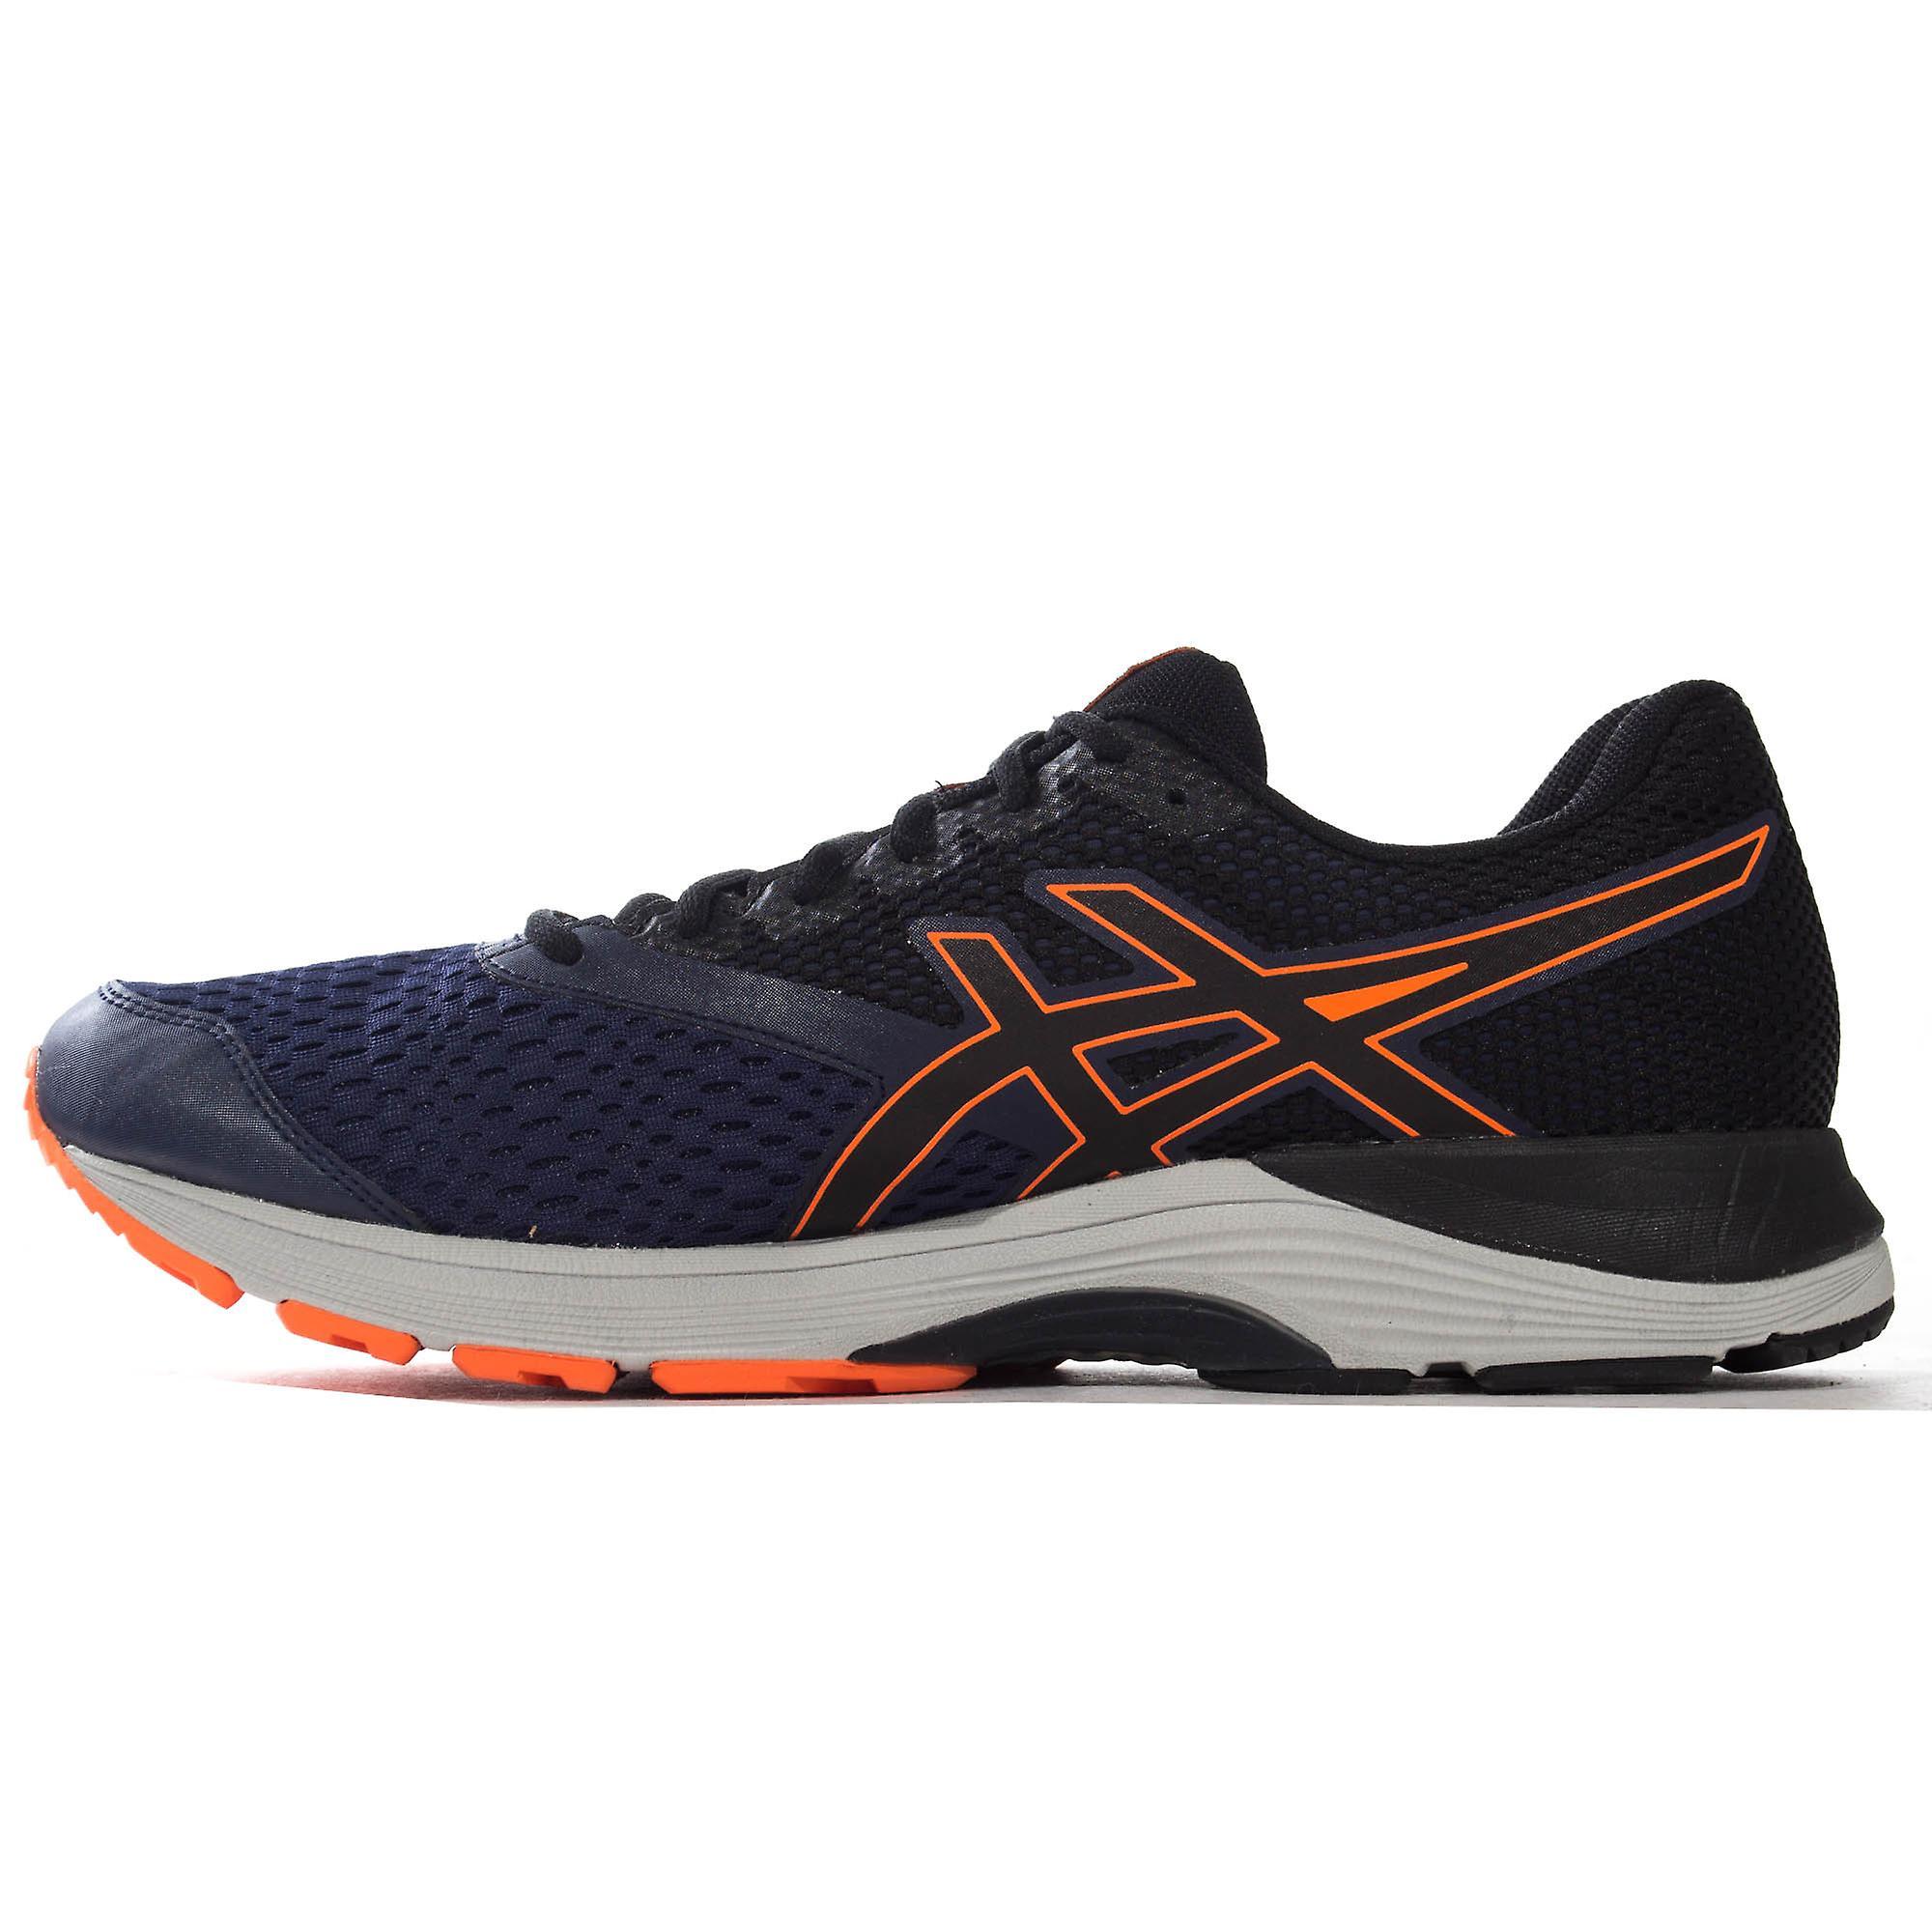 Asics Gel-Pulse 10 G-TX Mens Running Exercise Fitness Trainer Shoe Navy Blue